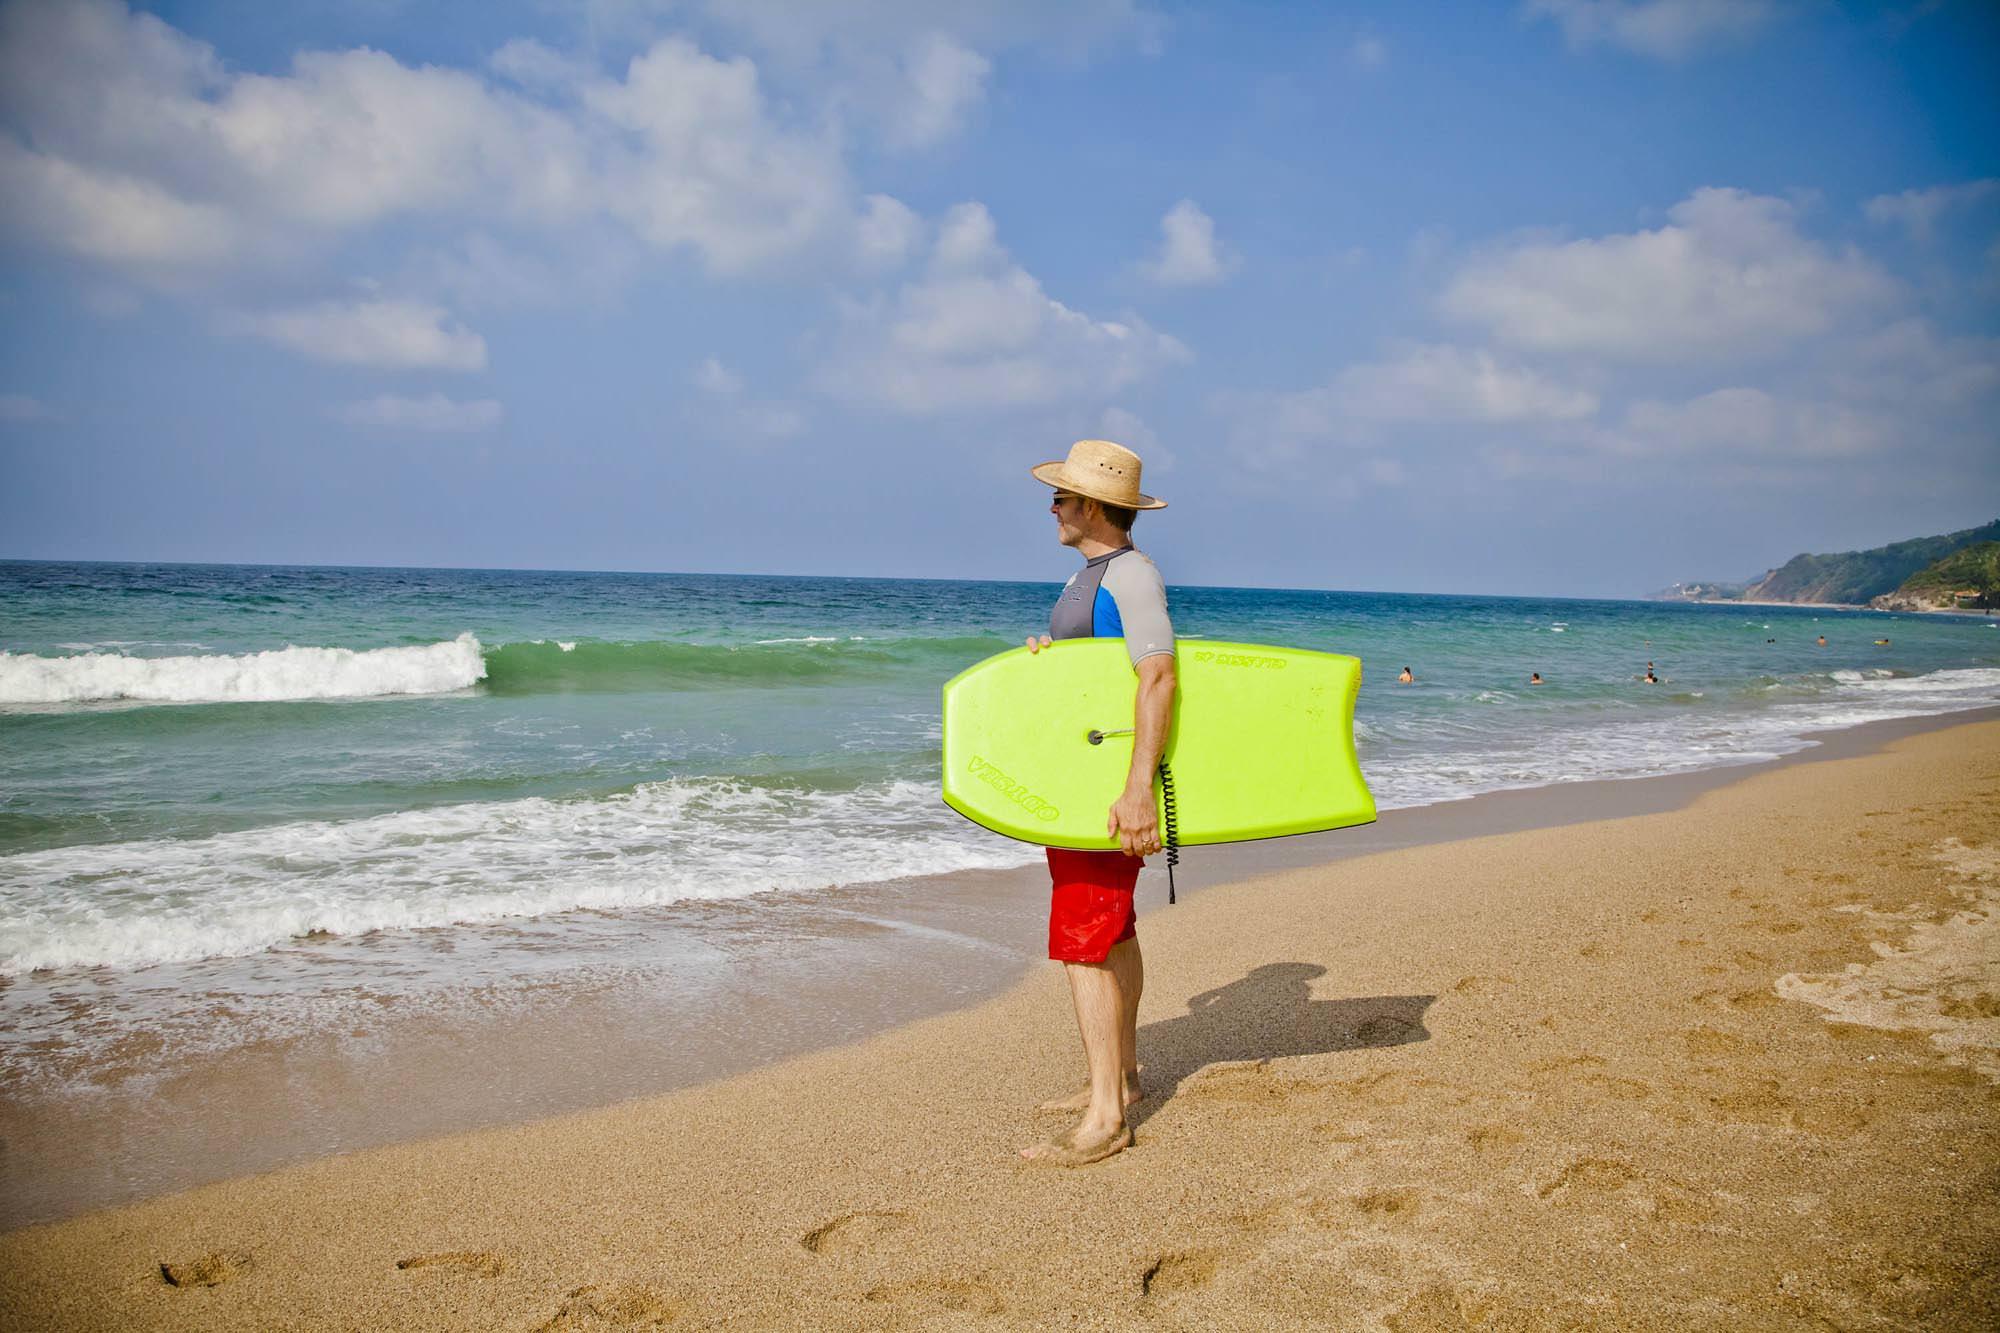 -en-contemplating-the-surf-es-contemplando-las-olas-